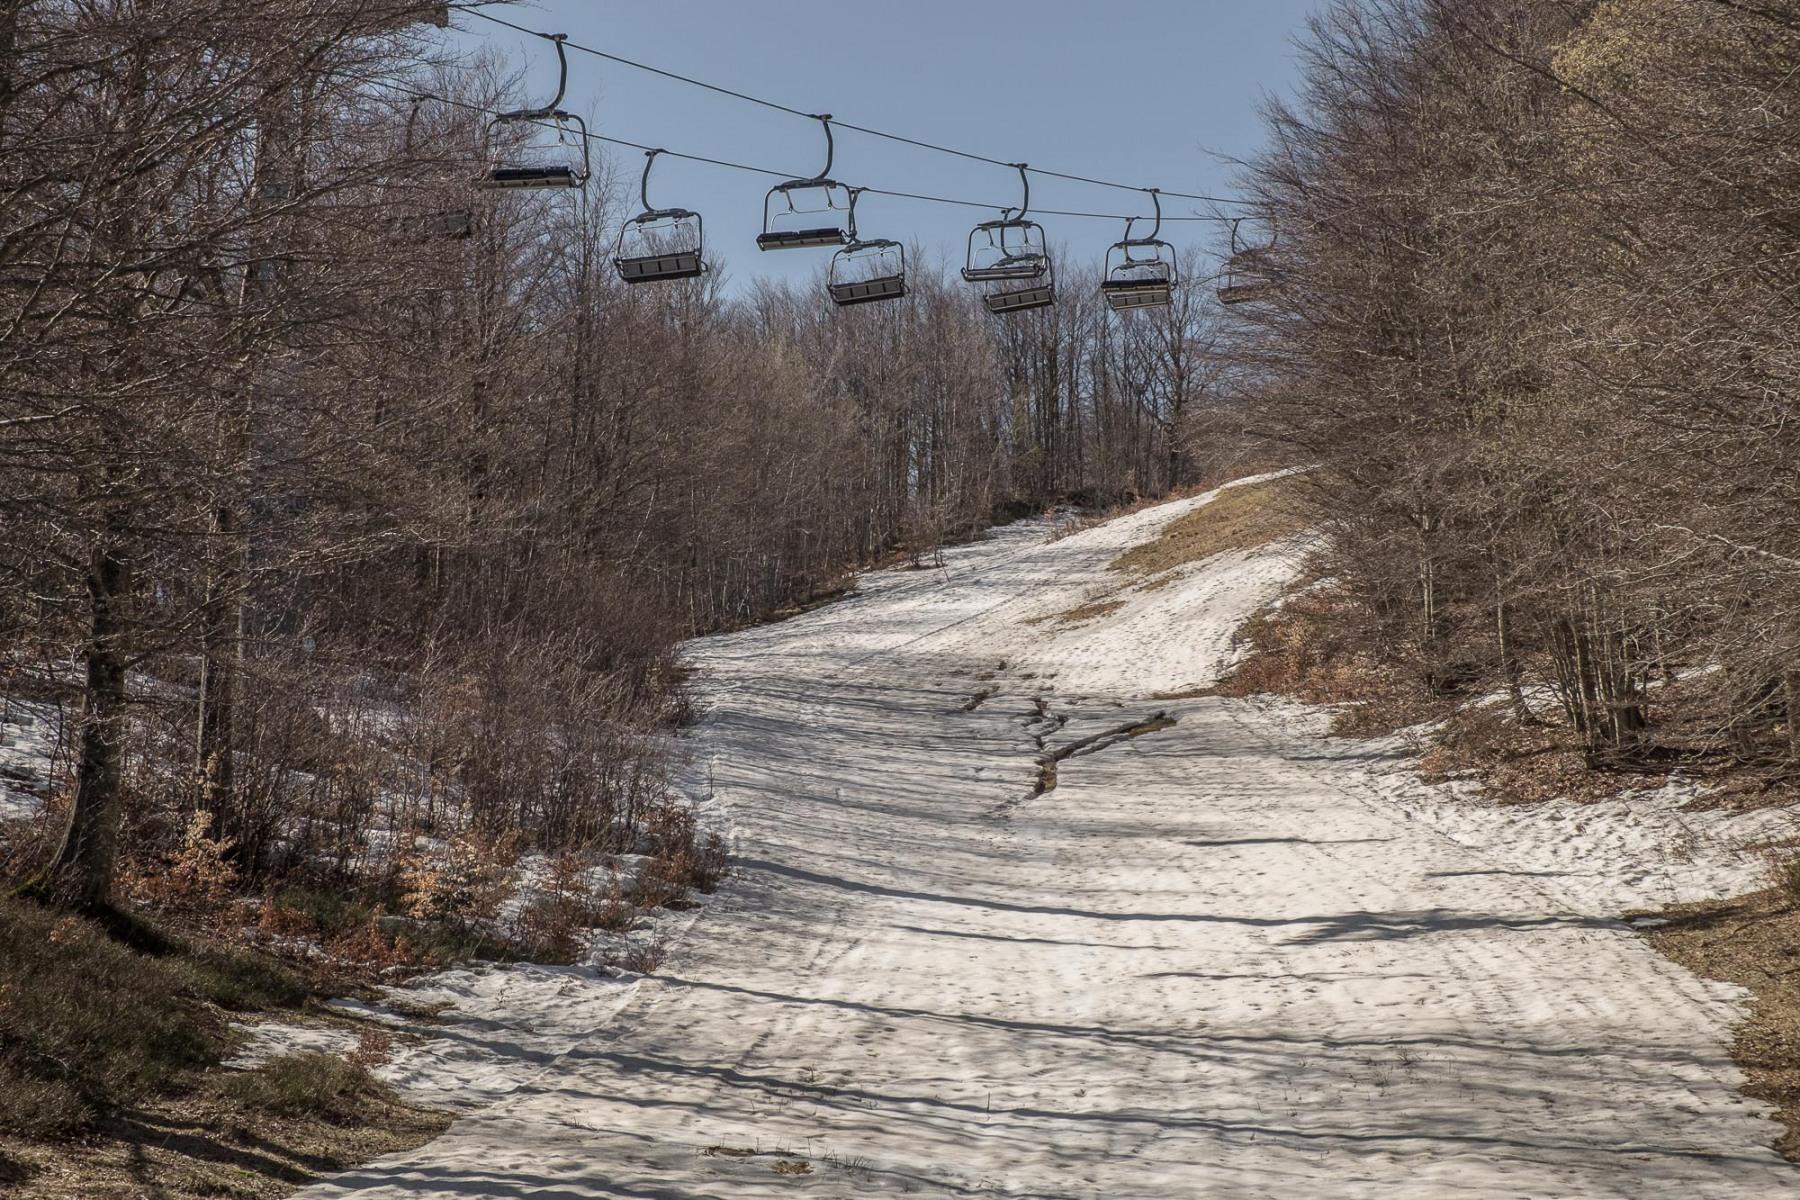 Corno-alle-Scale-2019.-La-carenza-di-neve-naturale-rende-sempre-più-difficili-e-poco-sostenibili-le-stagioni-invernali-negli-impianto-sciistici.